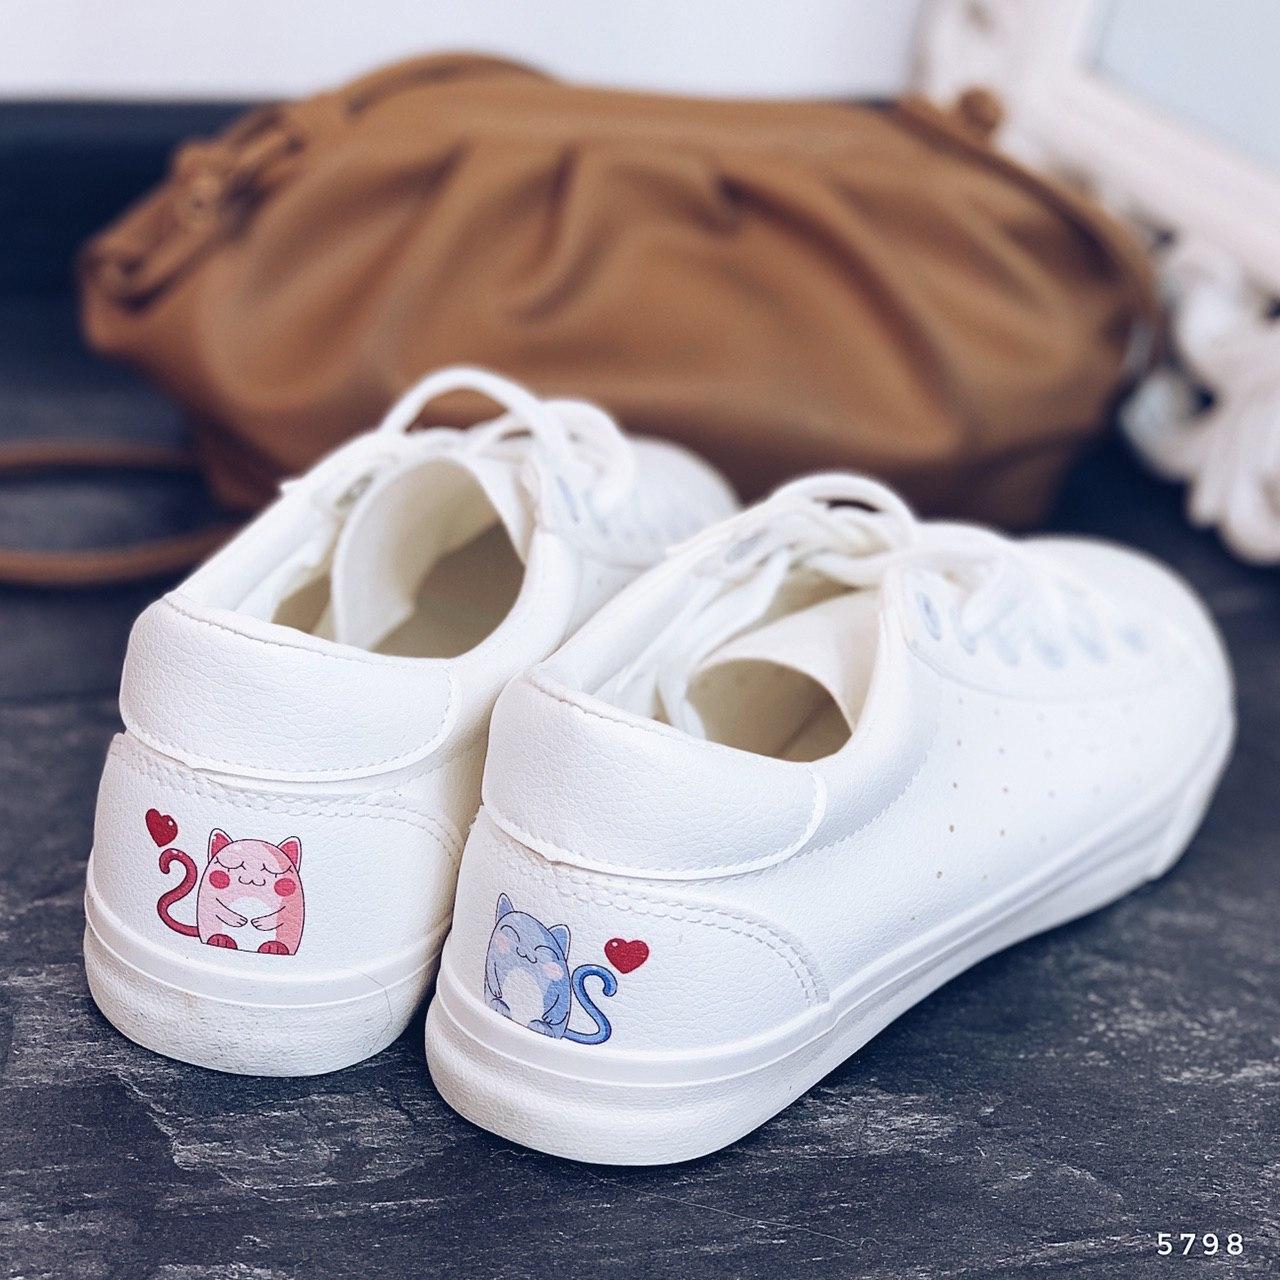 Кросівки жіночі білі. Кросівки жіночі з еко шкіри. Кеди жіночі. Мокасини жіночі. Кріпери жіночі